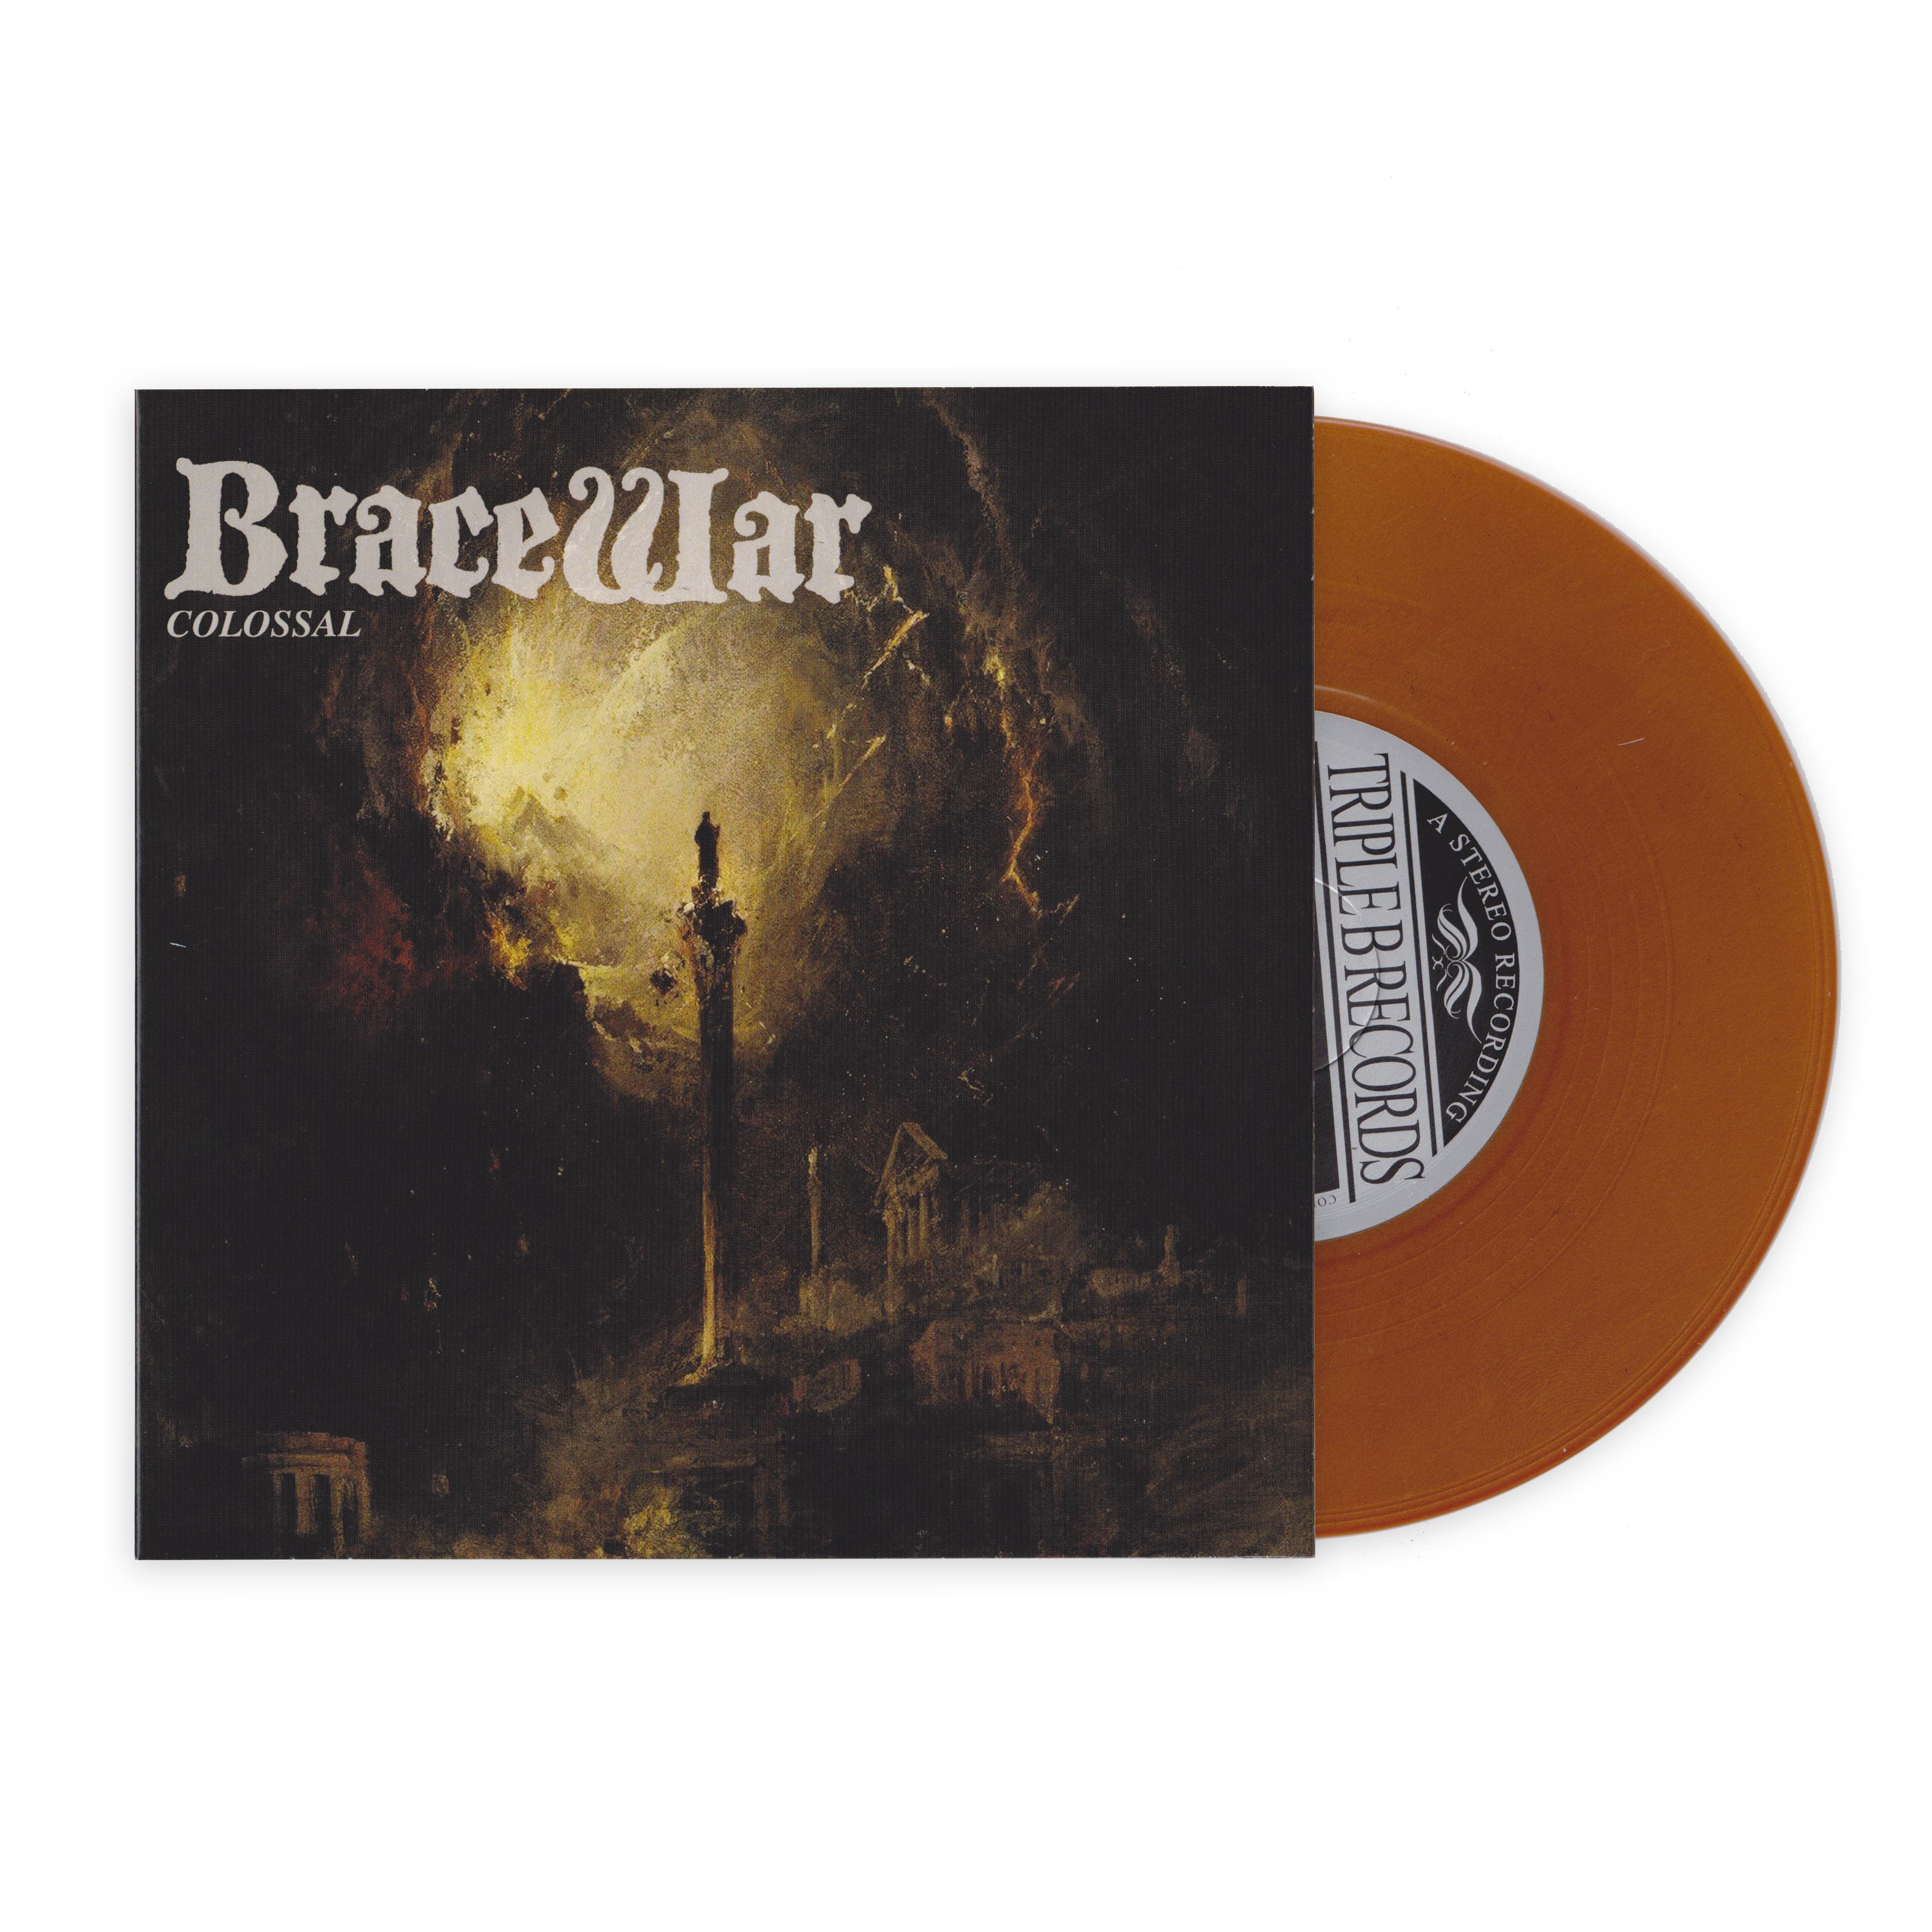 Bracewar - Colossal 7